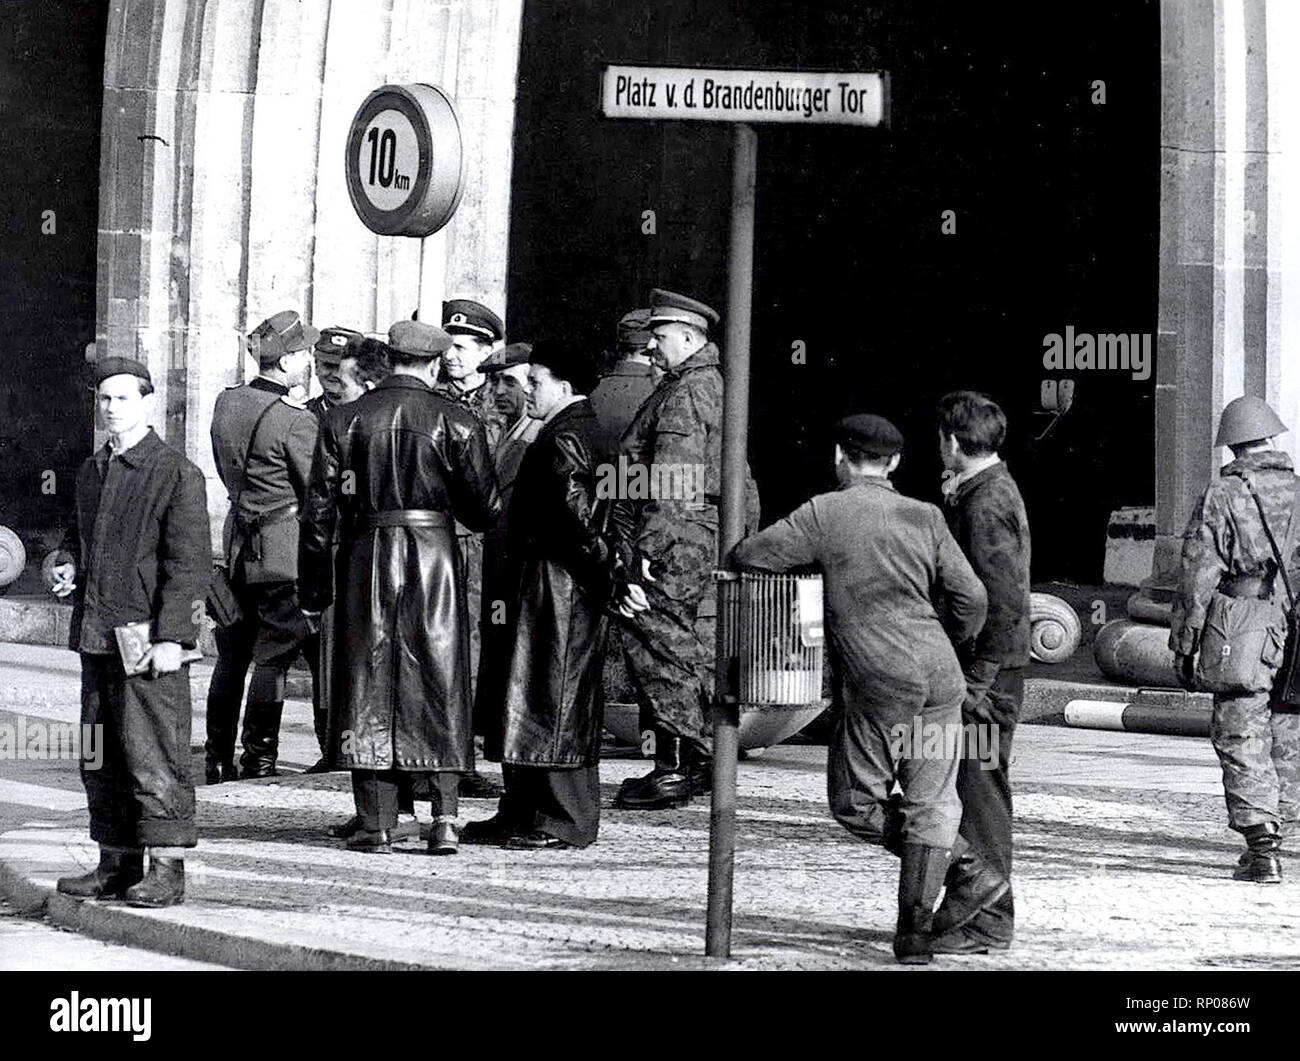 11/20/1961 - Auch eine Allgemeine beobachtet die Fortschritte an der Wand am Brandenburger Tor Stockfoto